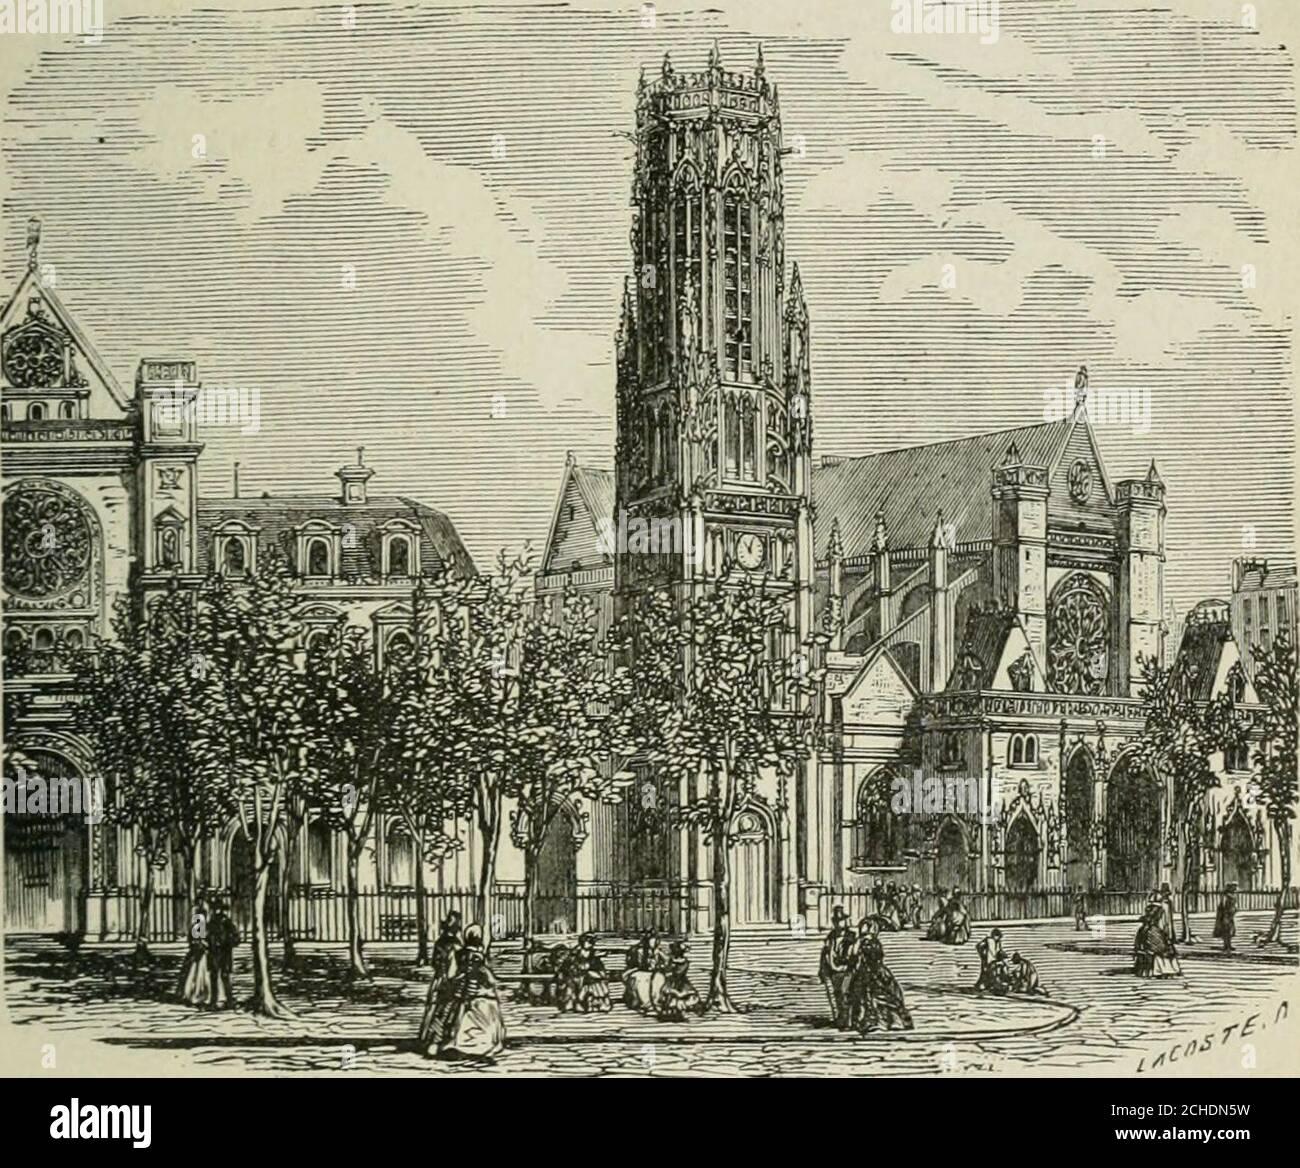 . Les merveilles du nouveau Paris-- . SAINT-GERMAIN LAUXERROIS. 199 peints sur place ; toutes les parois sont couvertes de pein-tures, de dorures ou de sculptures. Léglise Saint-Germain lAuxerrois, place Saint-GermainlAuxerrois, en face la colonnade du Louvre, désignéedabord sous le nom de Saint-Germain le Rond, à cause desa forme, fut achevée, selon toute apparence, par Chil-. Tour Saint-Germaiu lAuxerrois. péric Ier et détruite par les Normands, lorsquils quittèrentles bords de la Seine. Le roi Robert le Pieux la rebâtit,mais lédifice actuel est de beaucoup postérieur. (V. p. 201.)Saint-Germ Stock Photo